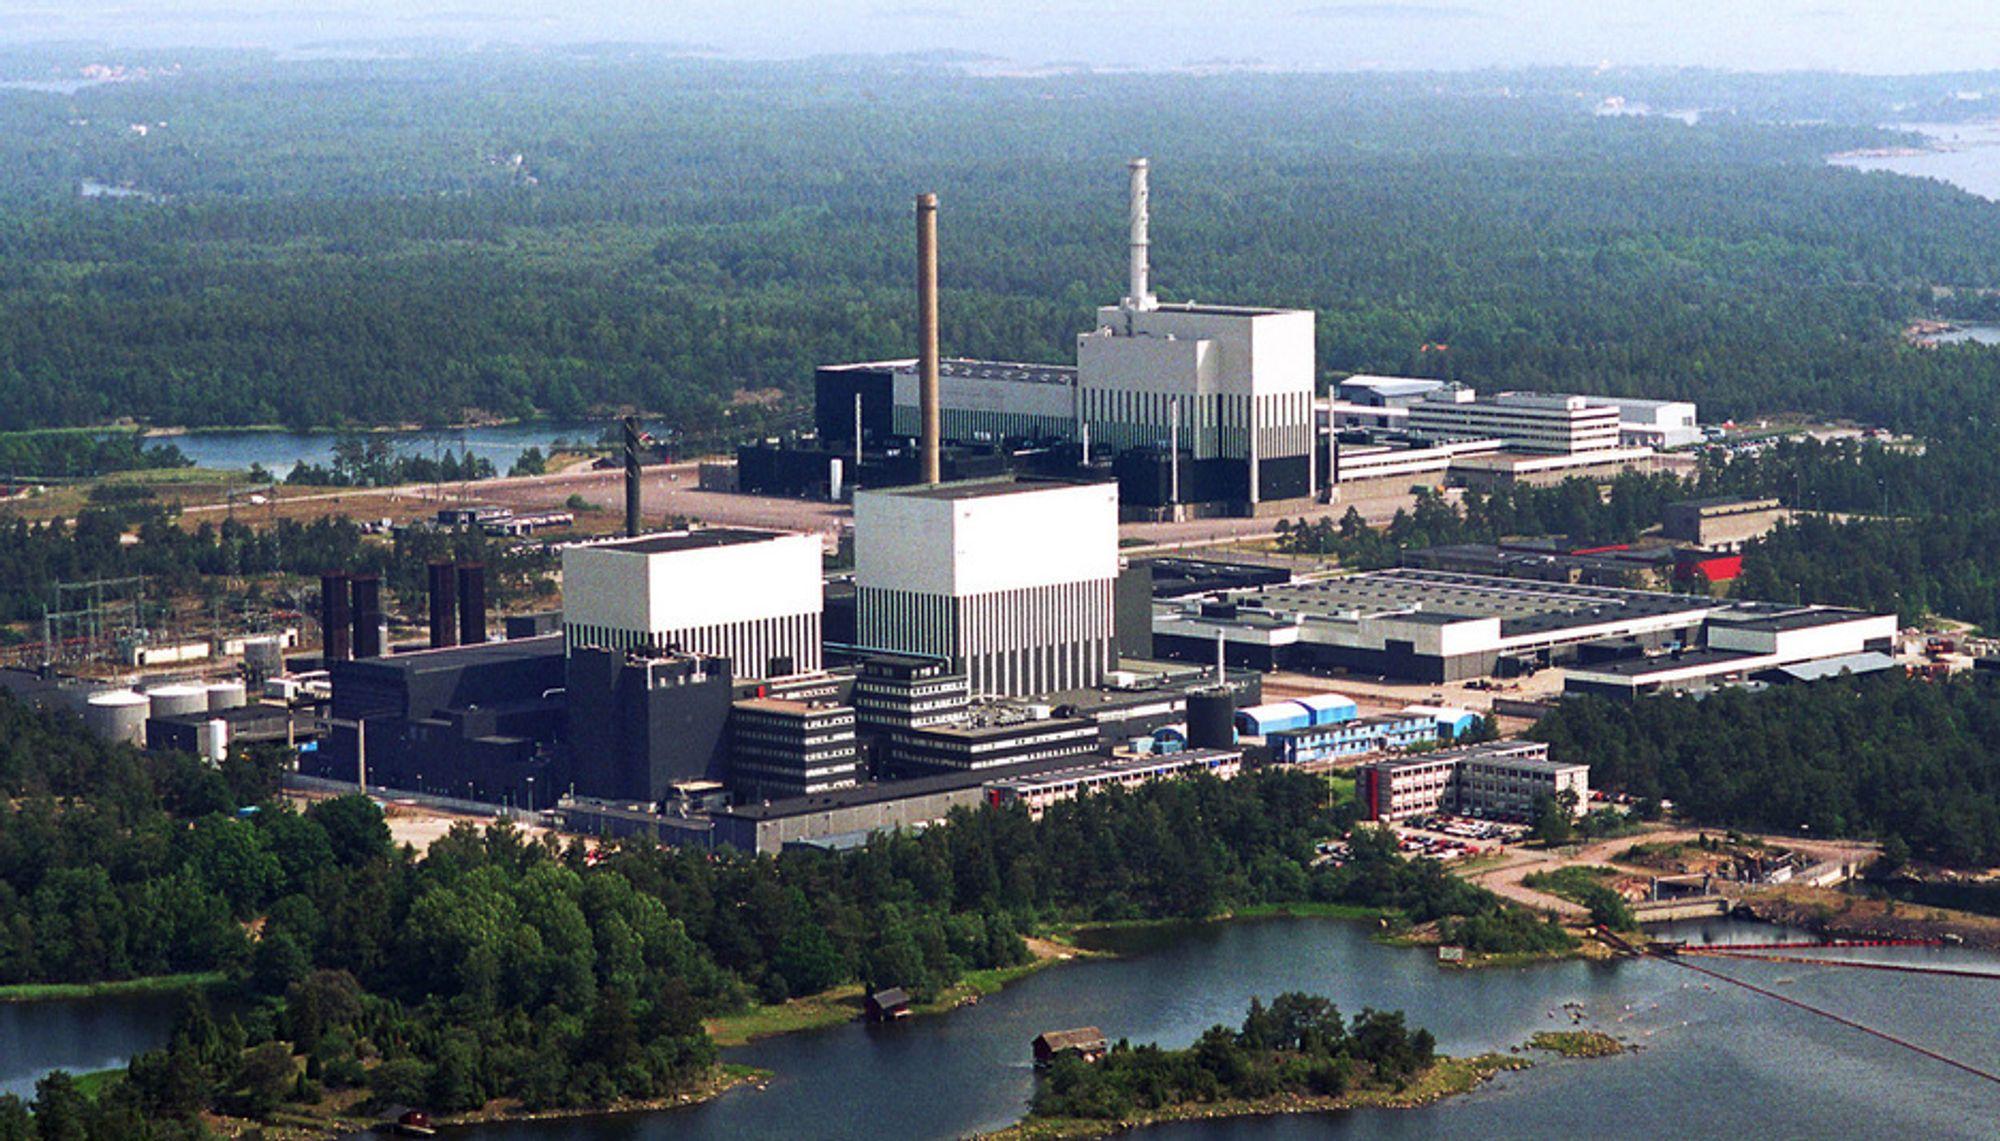 Oskarshamn atomkraftverk i Sverige der to persoenr skal ha forsøkt å smugle inn sprengstoff.